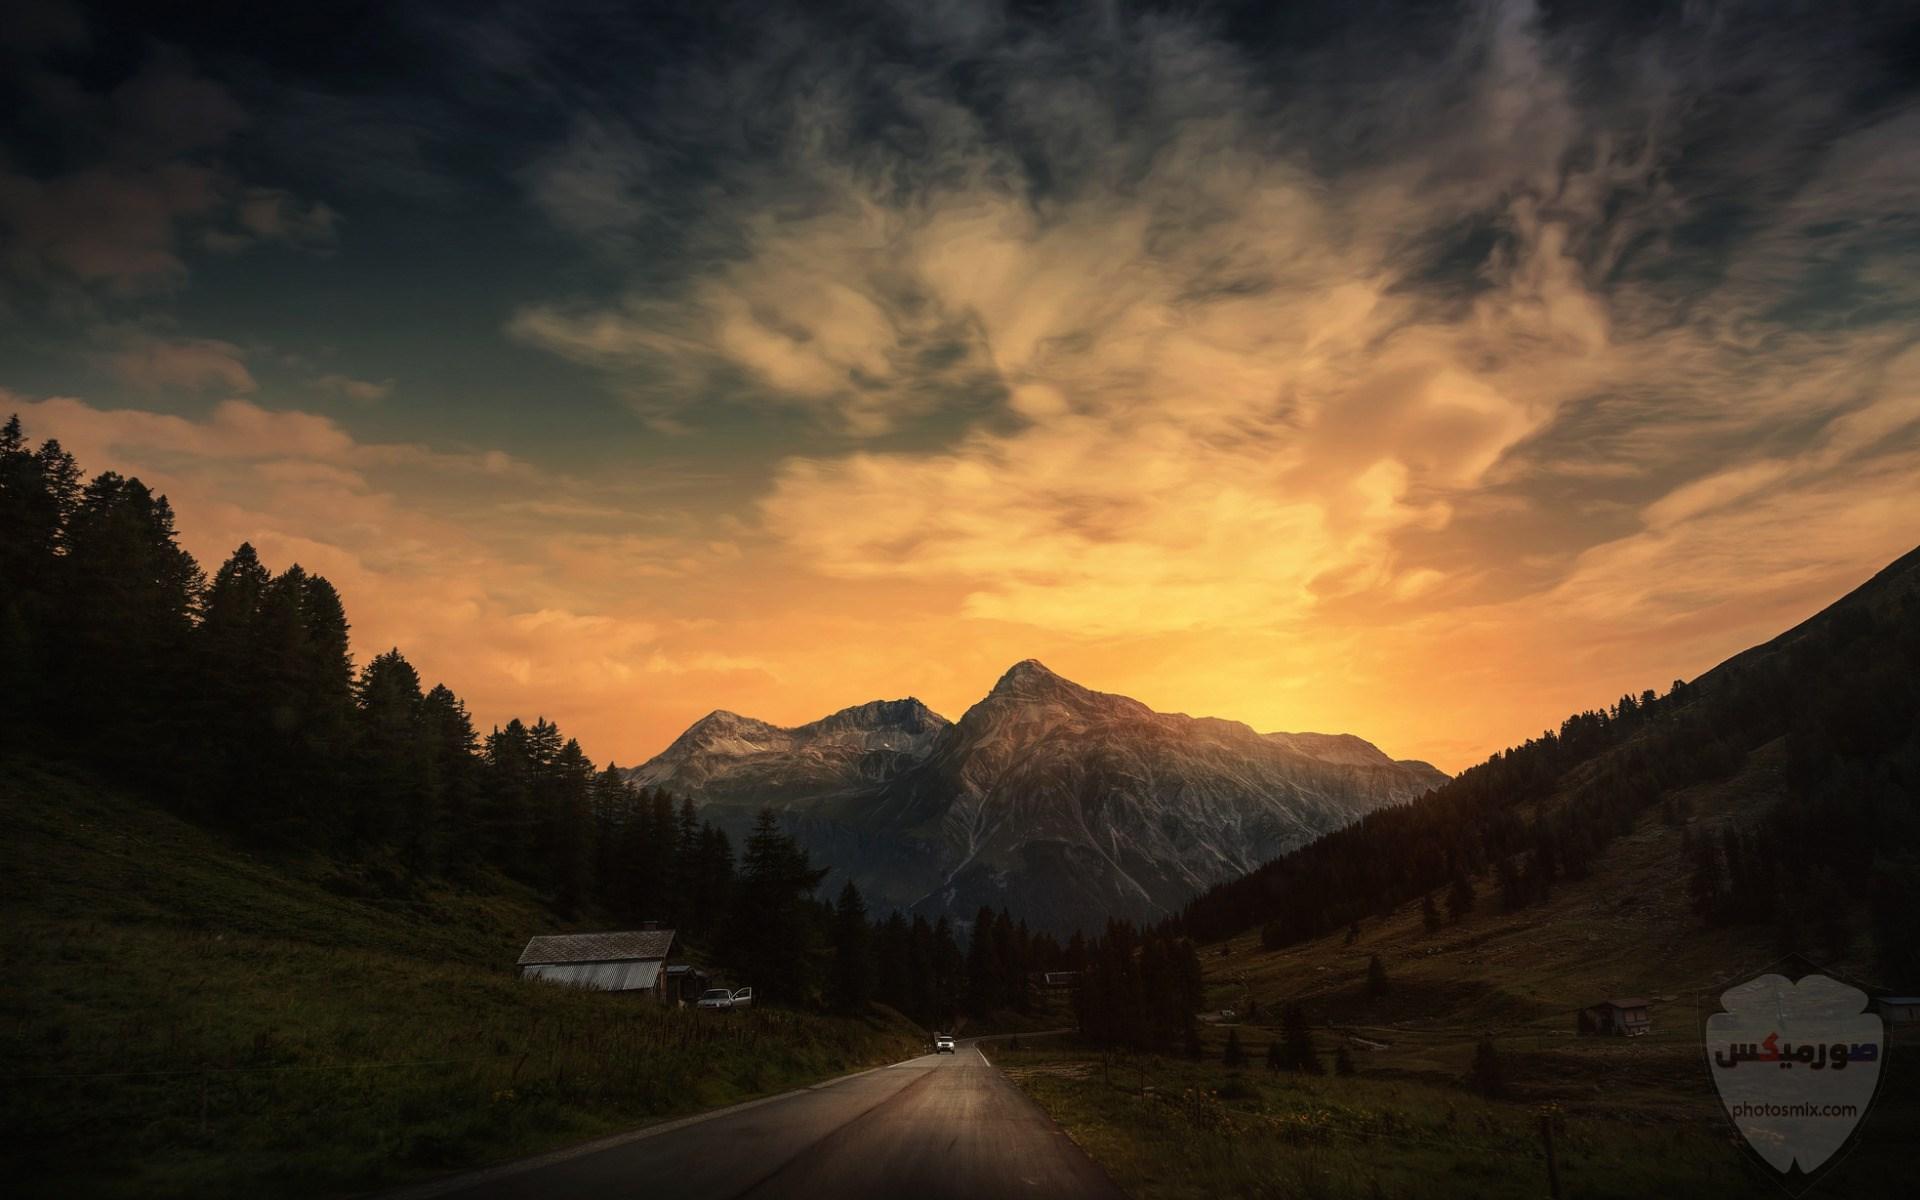 صور جبال خلفيات جبال بجودة HD احلي صور الجبال 3